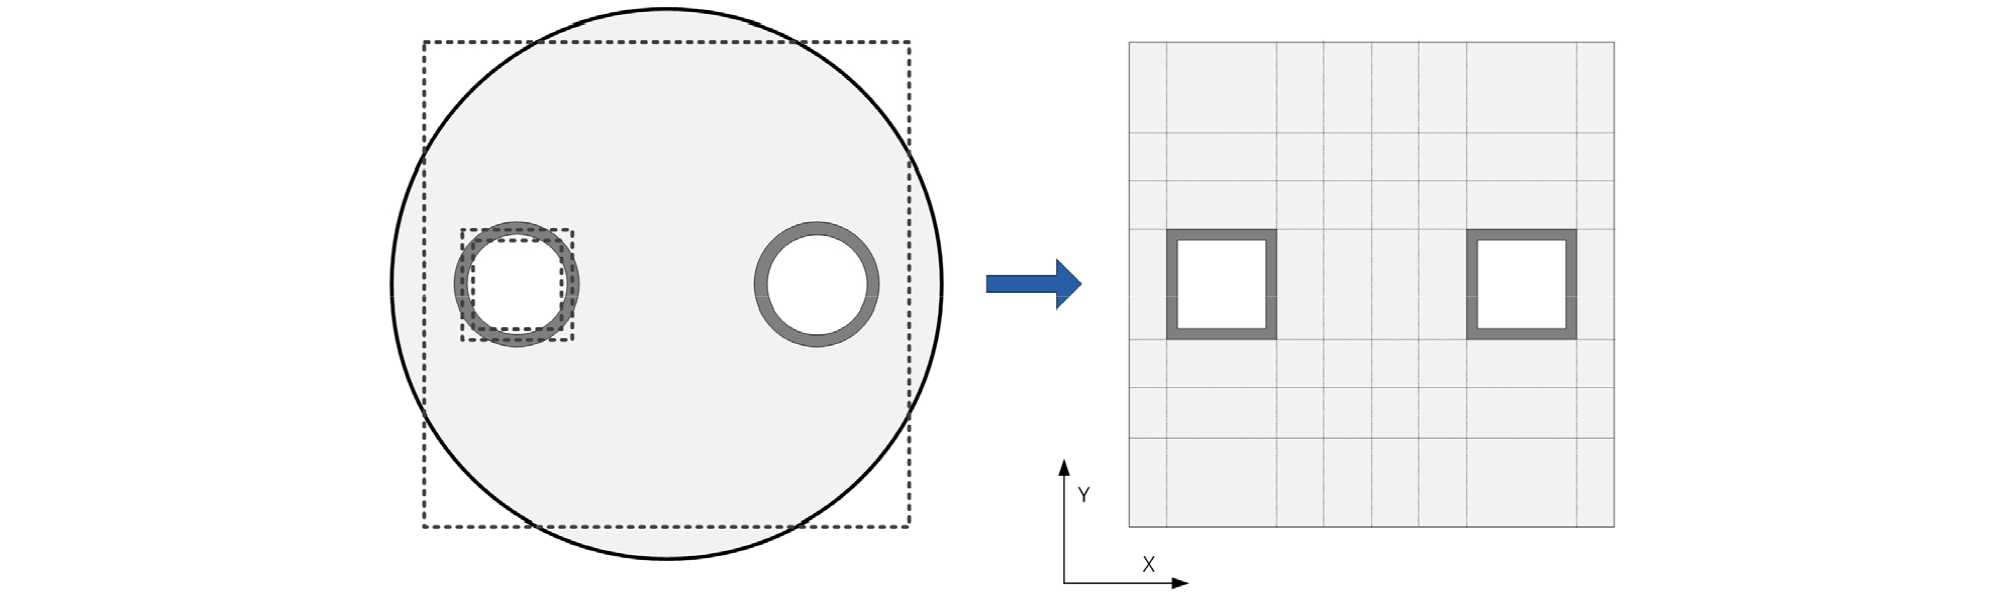 http://static.apub.kr/journalsite/sites/kiaebs/2020-014-02/N0280140201/images/Figure_KIAEBS_14_2_01_F3.jpg